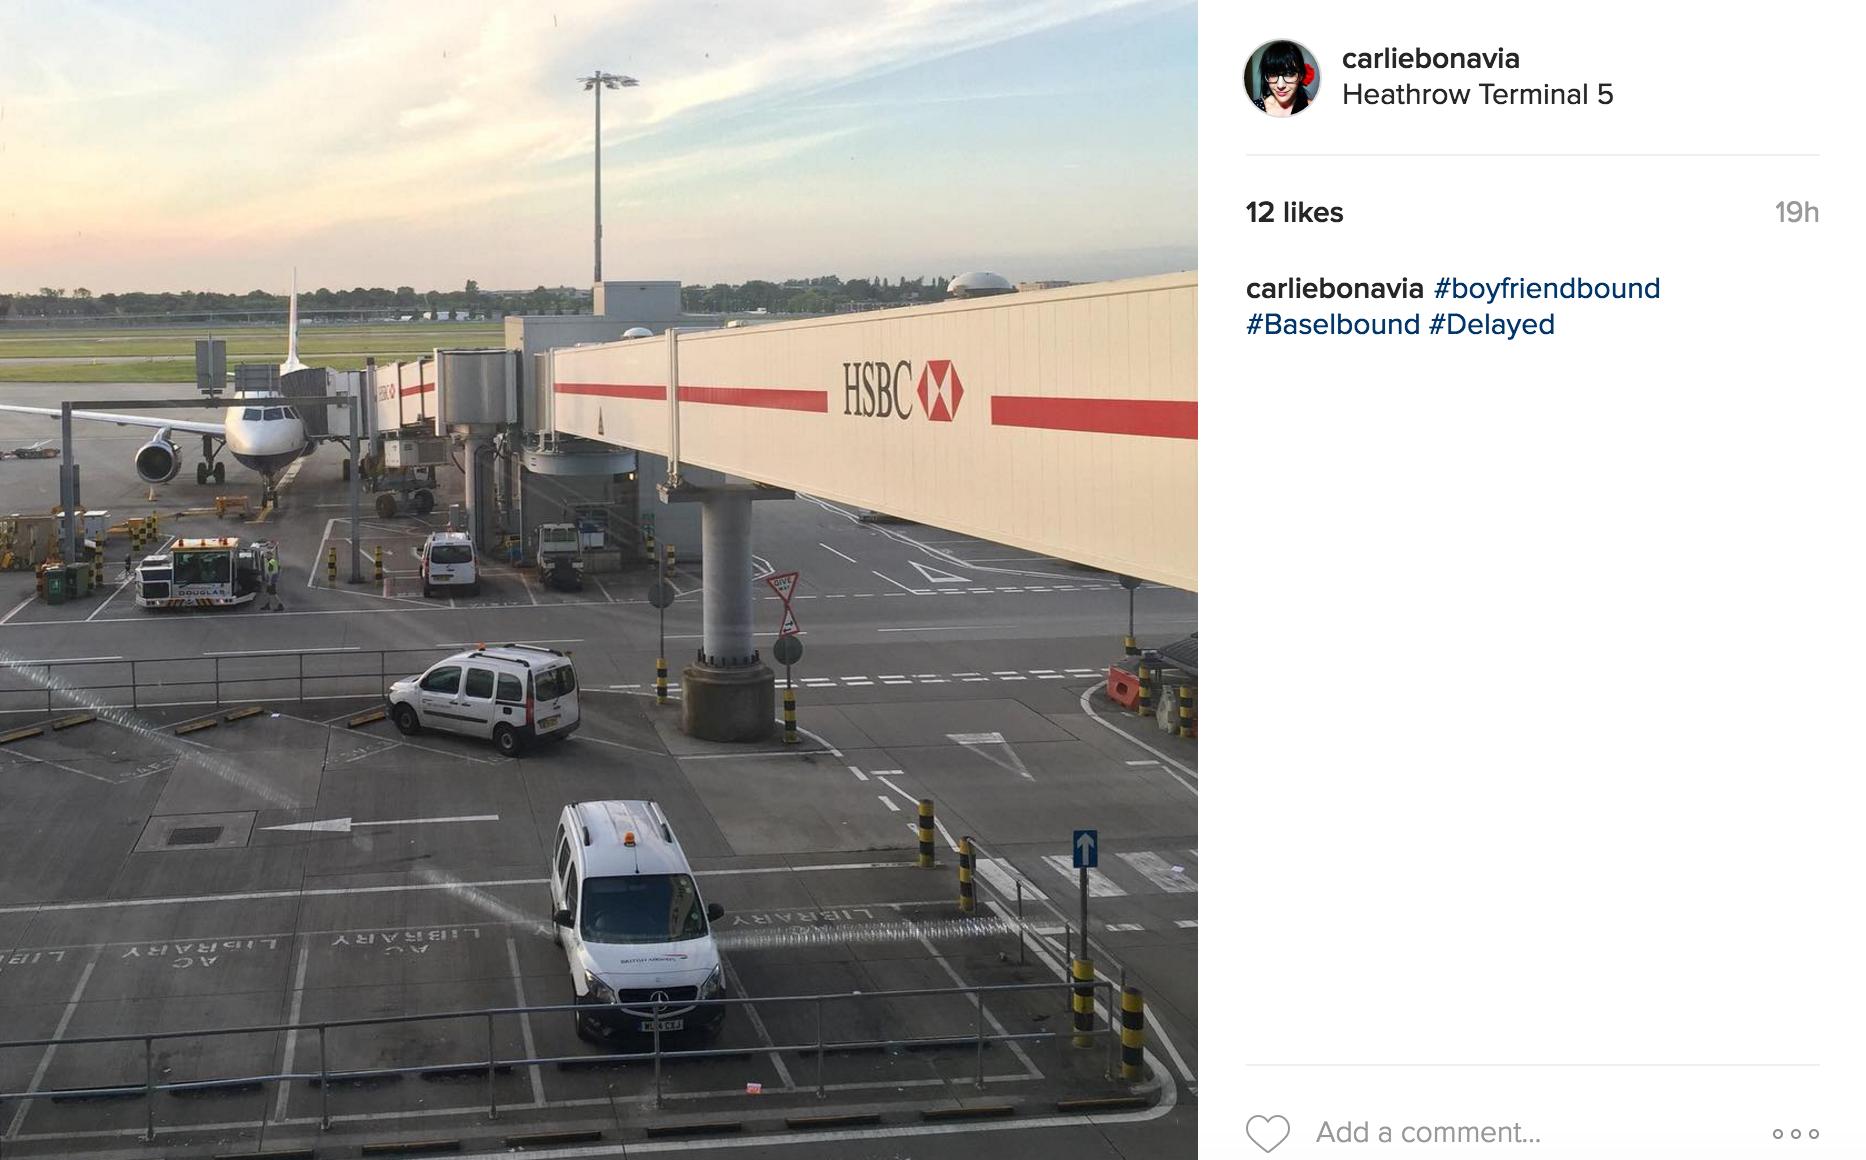 British Airways flight ready to board at Heathrow Airport